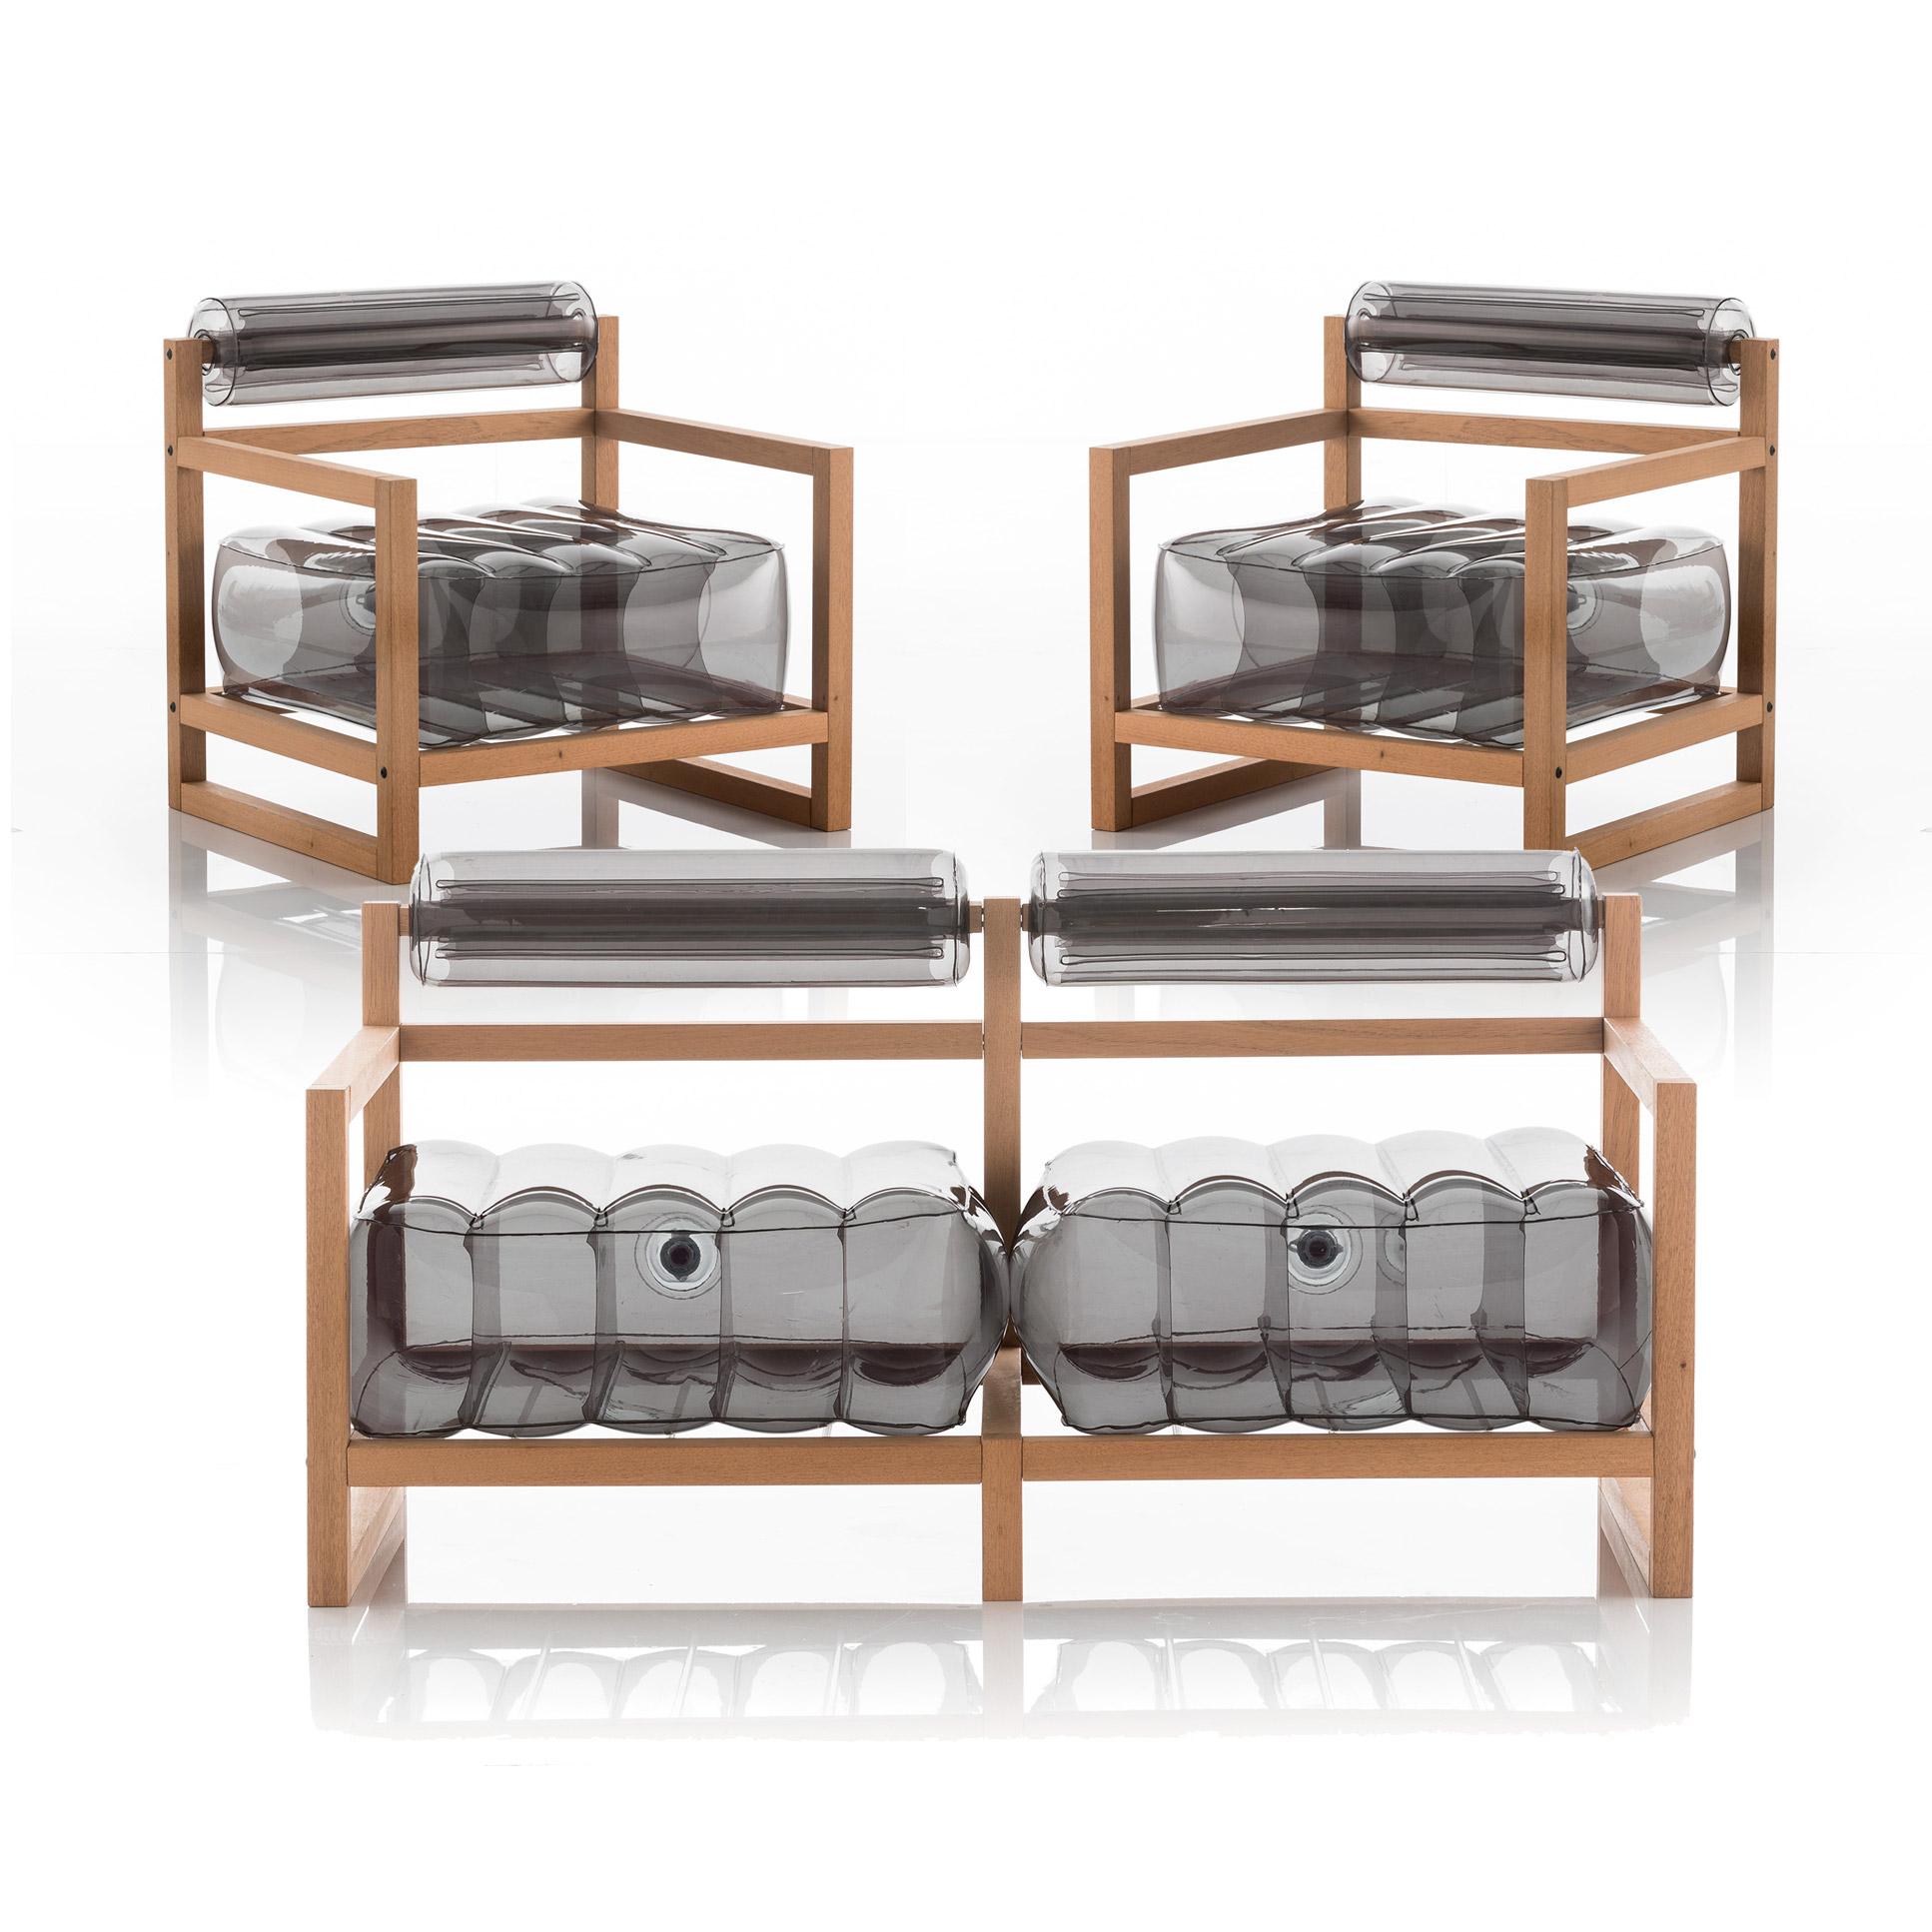 Salon de jardin design, 1 canapé et 2 fauteuils noirs